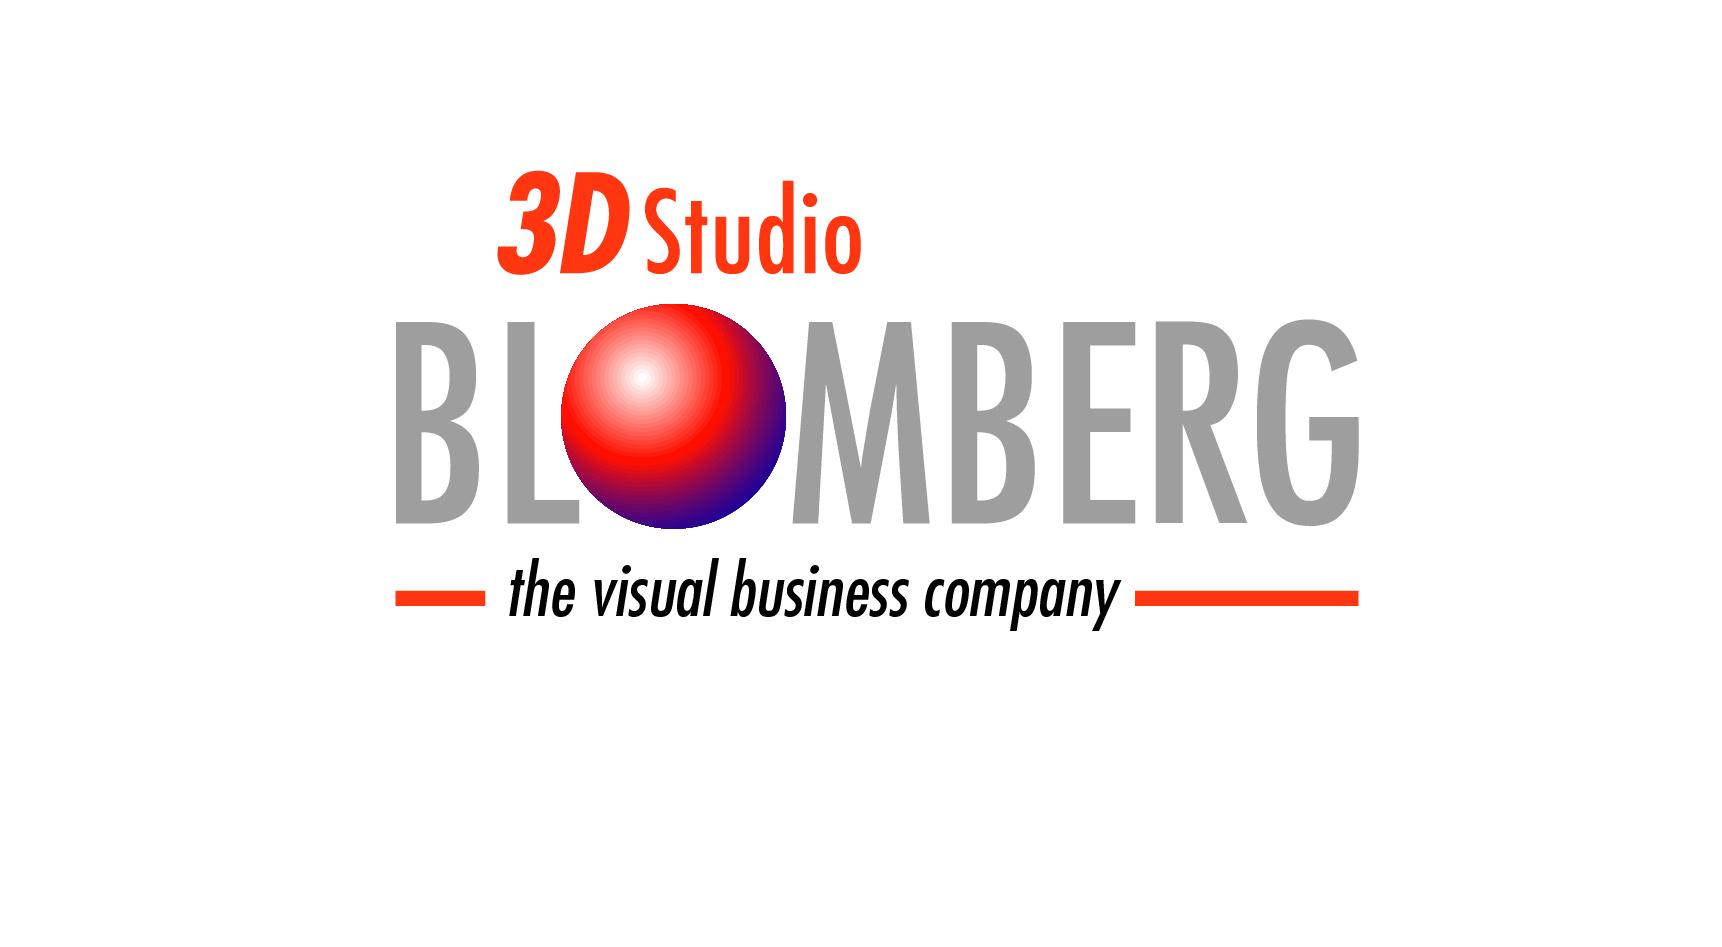 3D Studio Blomberg (3DS) logo